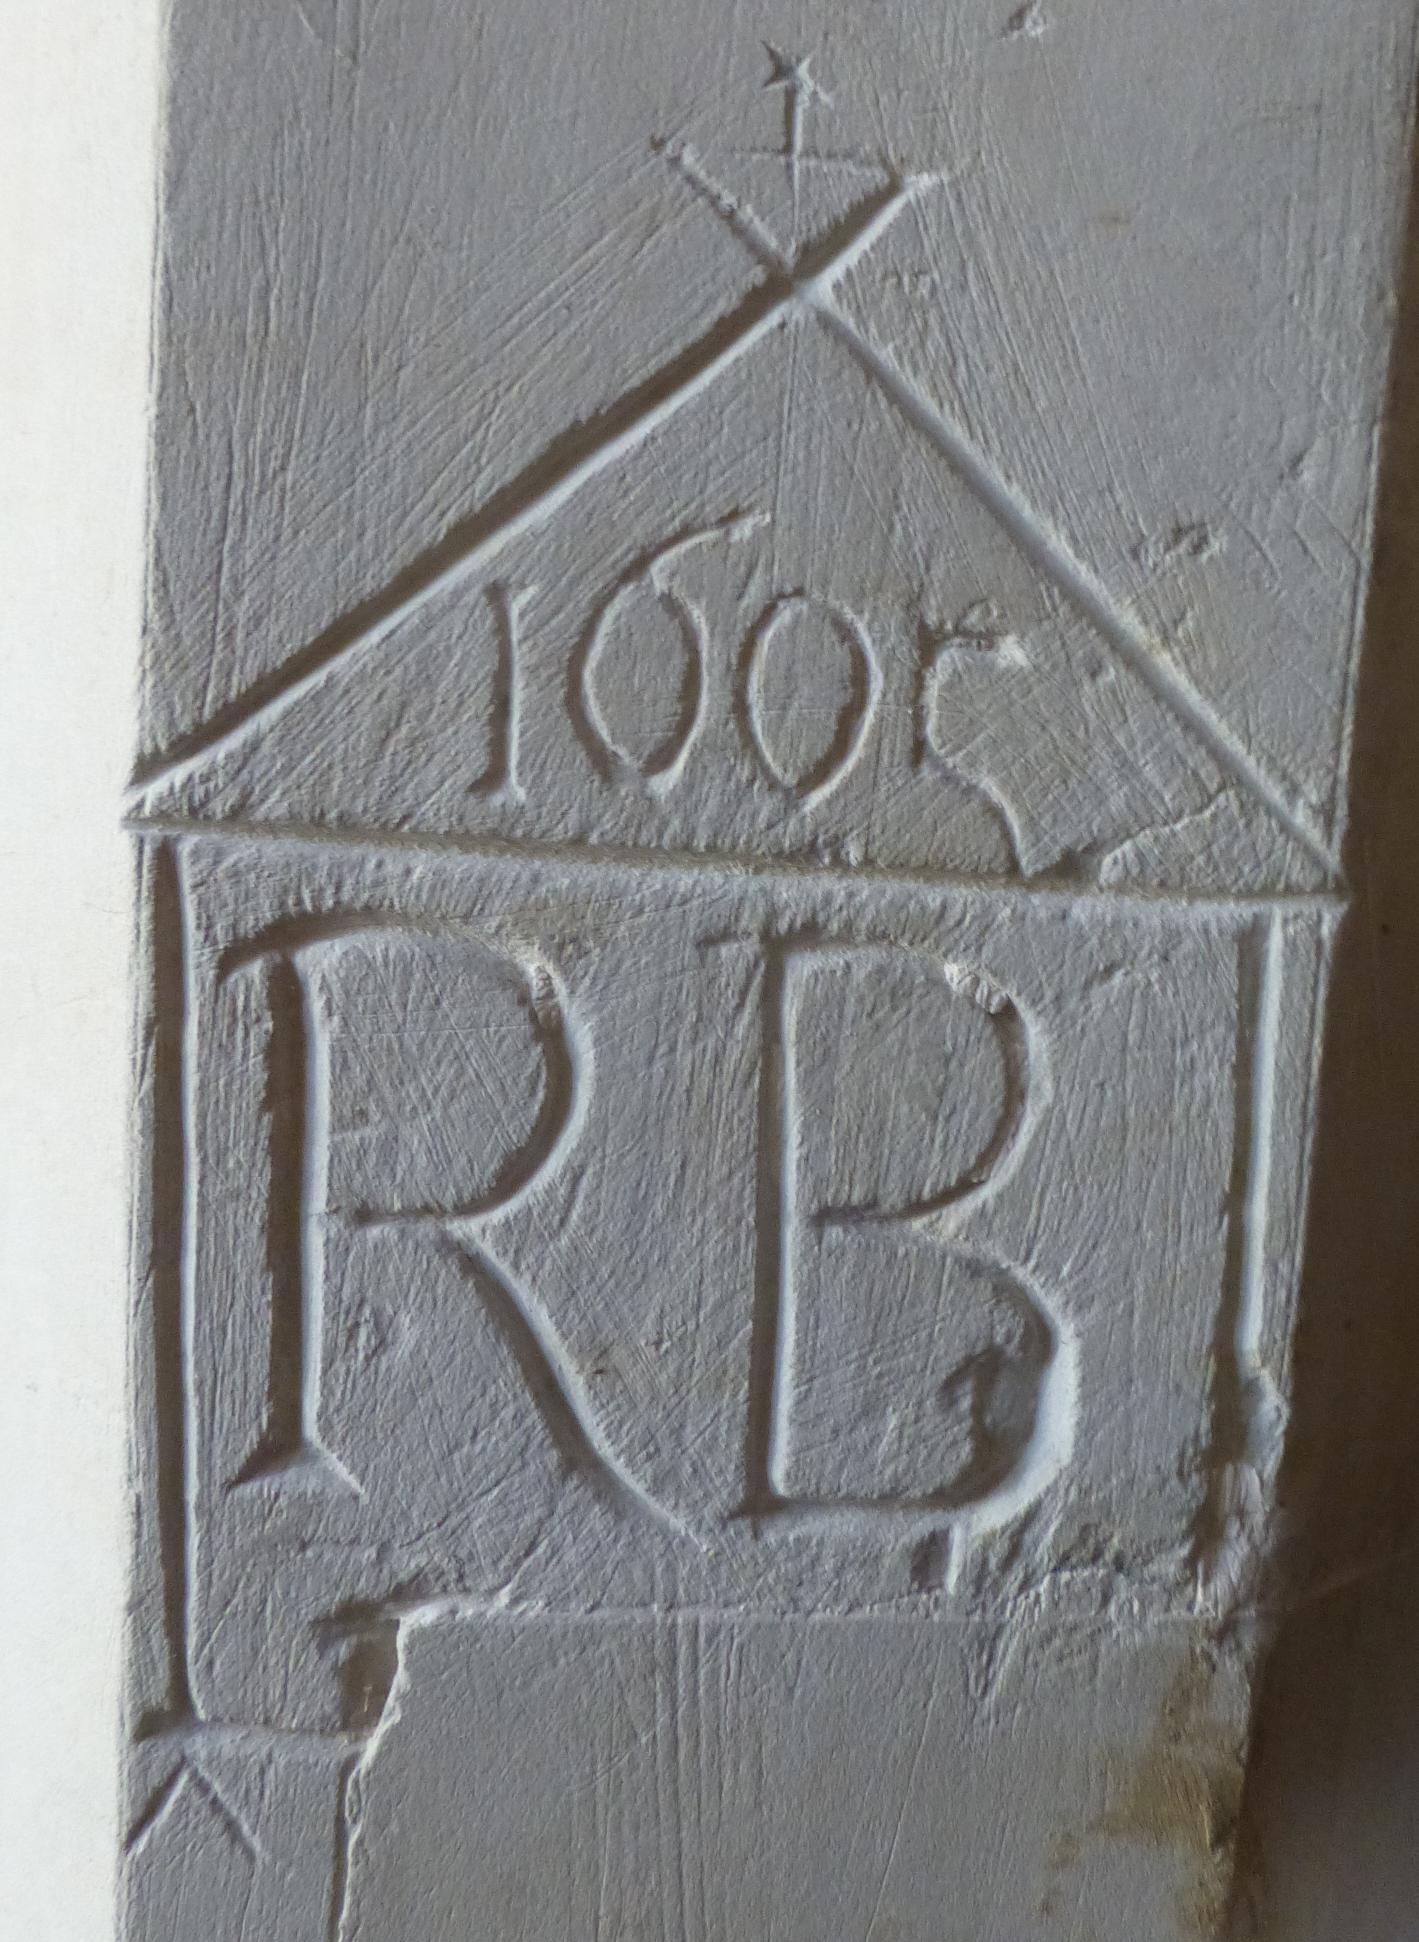 Ancient Church Graffiti